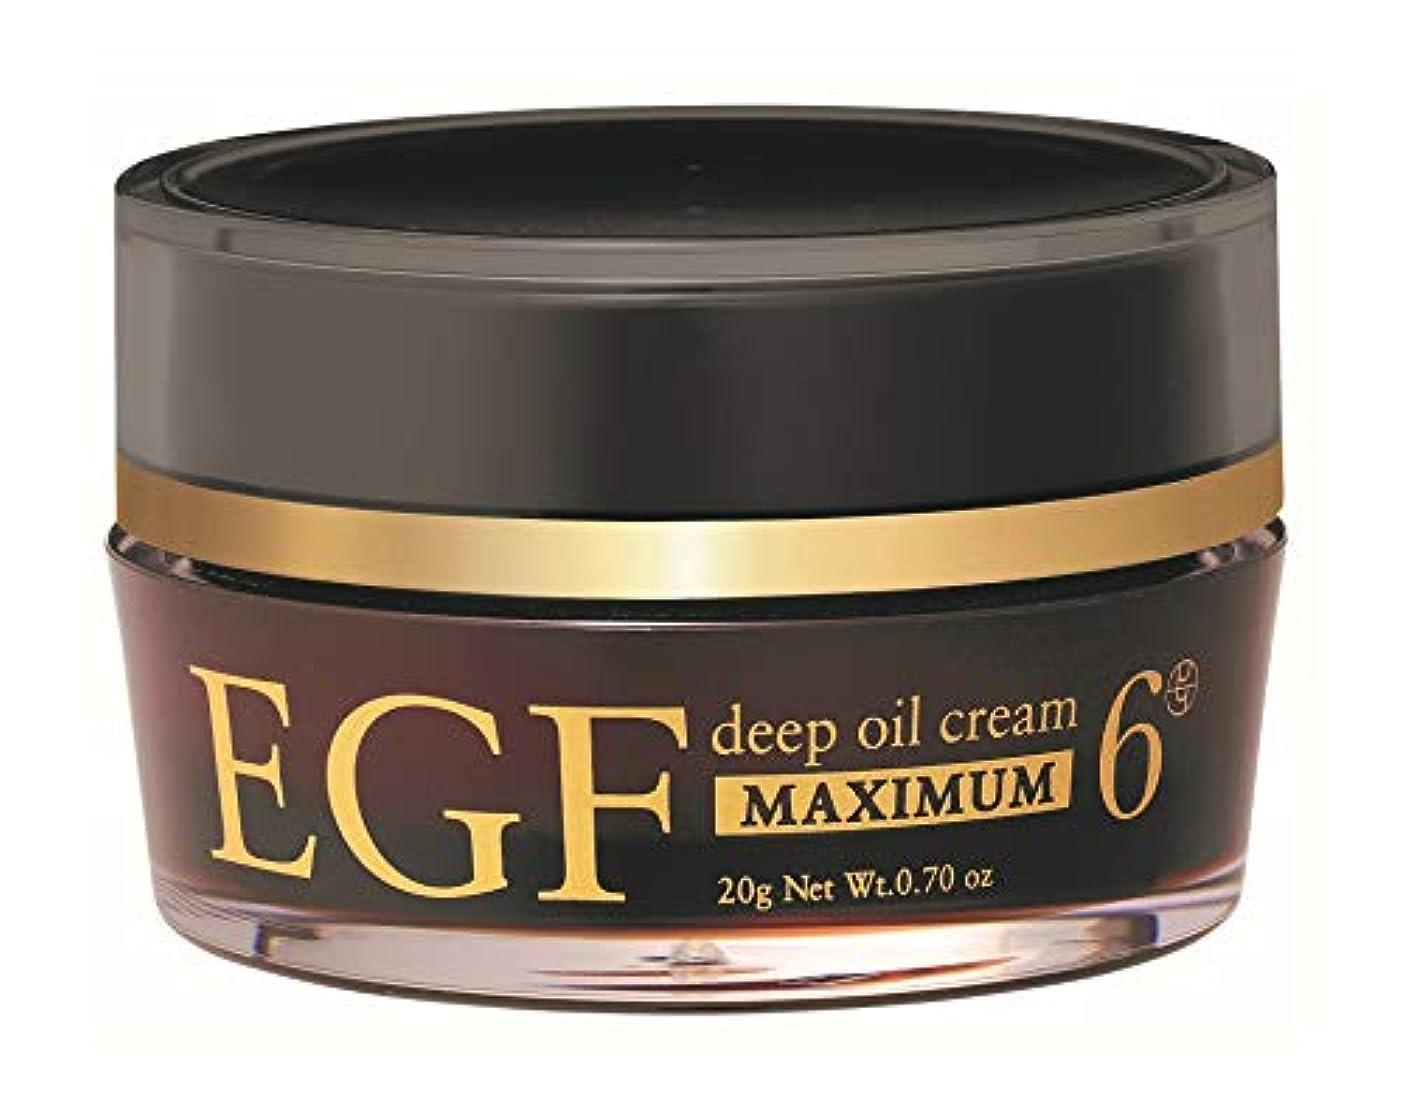 霊安らぎ累積EGF ディープオイルクリーム マキシマム [ 20g / 濃度6µg ] エイジングケア (高濃度EGFクリーム) 日本製